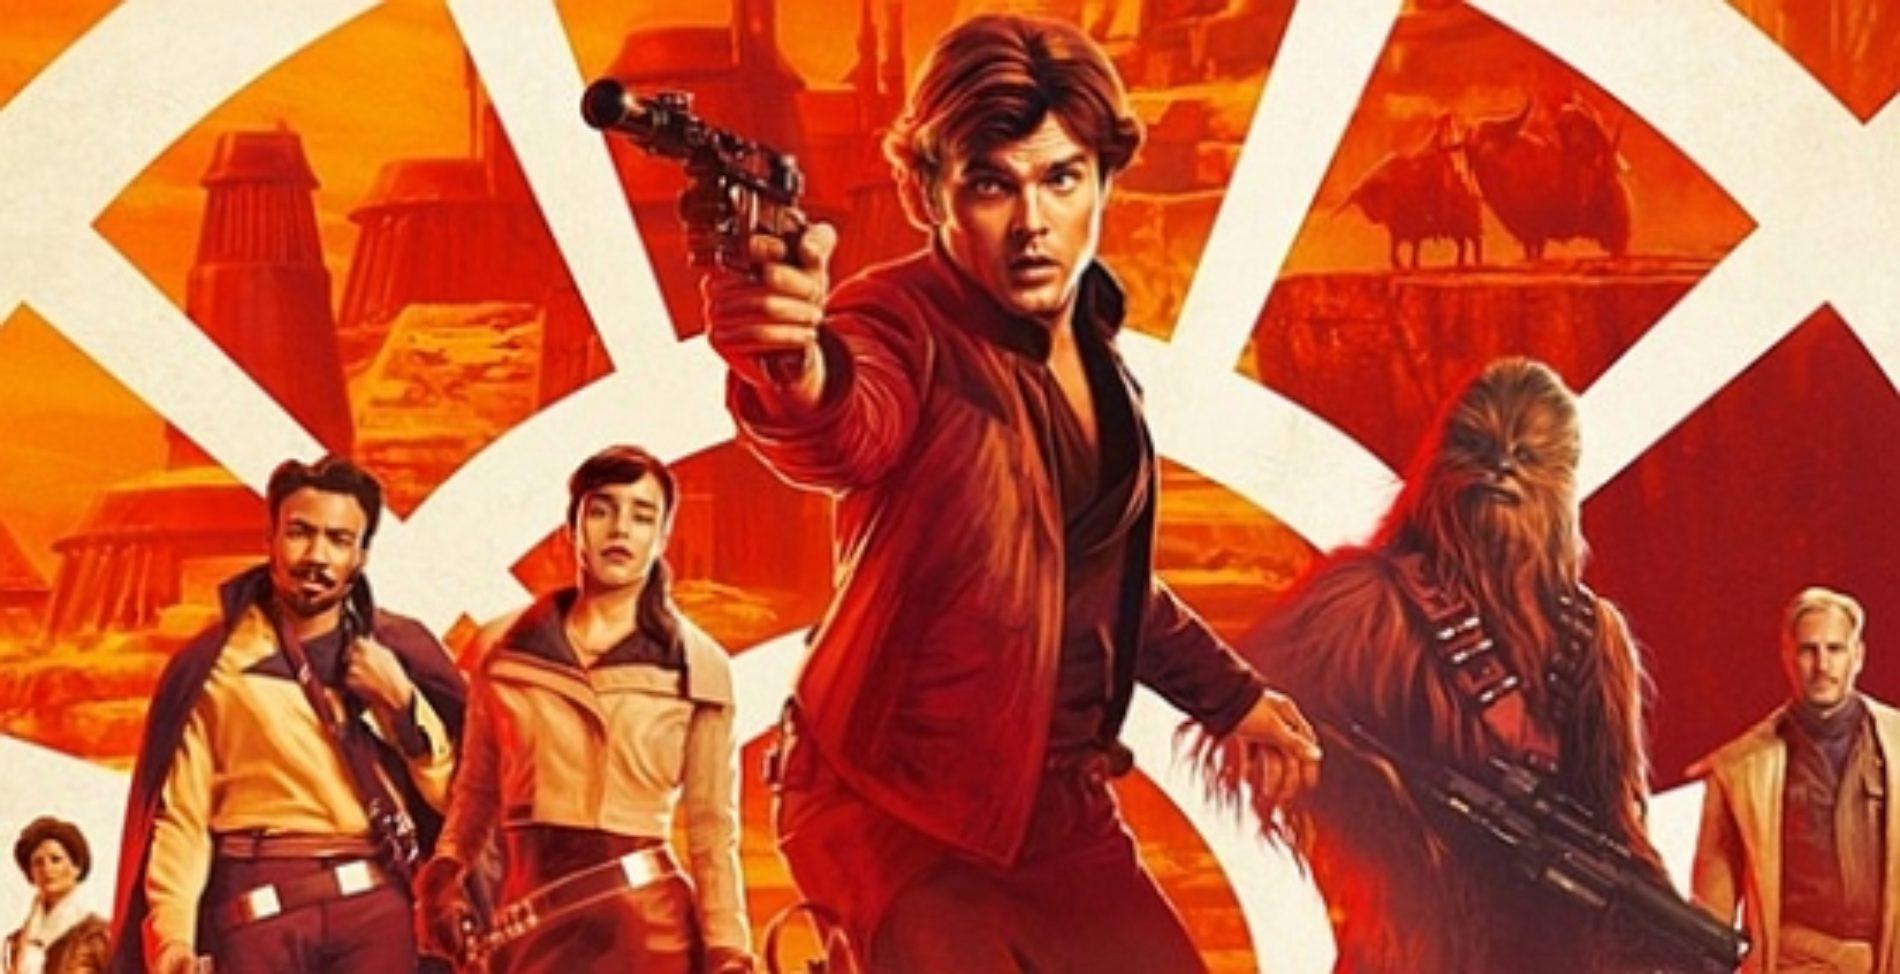 Nuevo Tráiler de 'Han Solo', me gusta cómo suena 'Sinvergüenza'